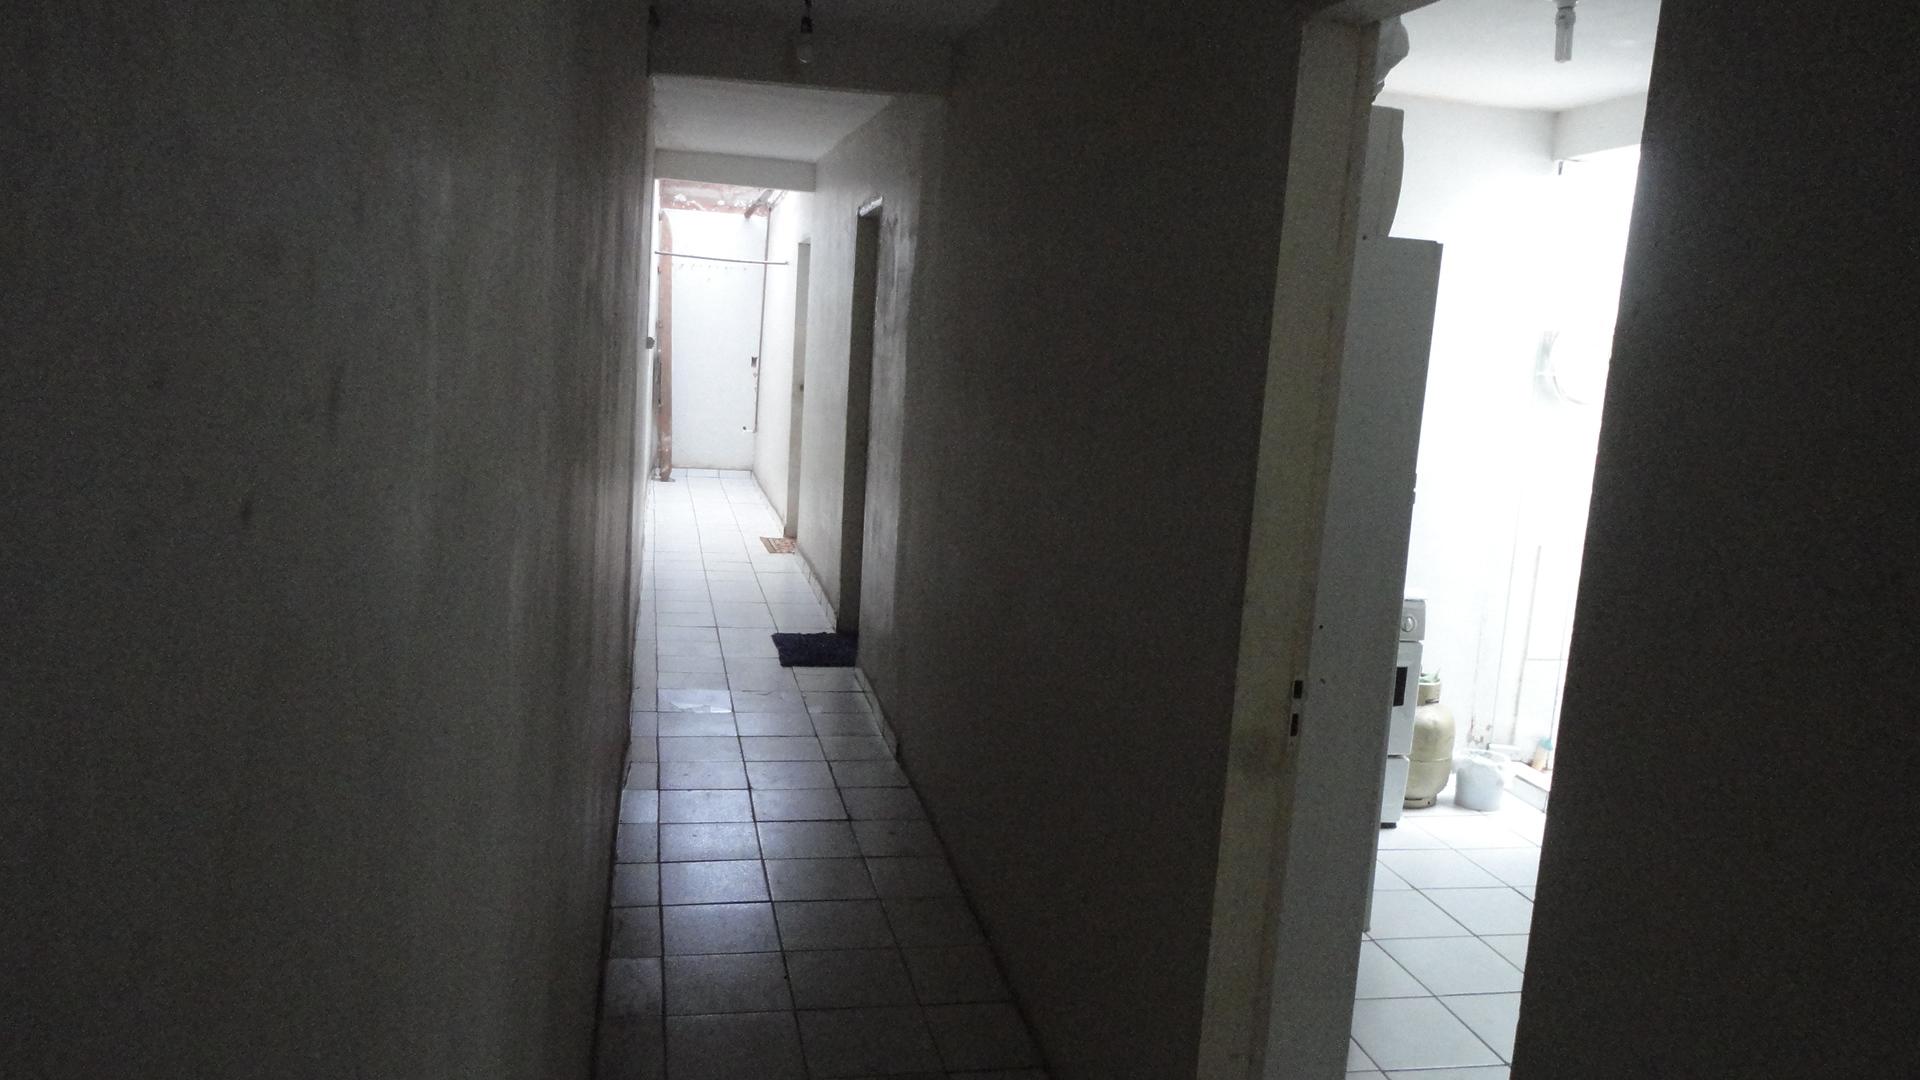 PONTO COMERCIAL 02 LOJAS COM BANHEIROS 28,50 m² CADA, 03 QUARTOS e 03 SALAS (SUÍTES) 30 m² CADA, ÓTIMA LOCALIZAÇÃO E OPORTUNIDADE.